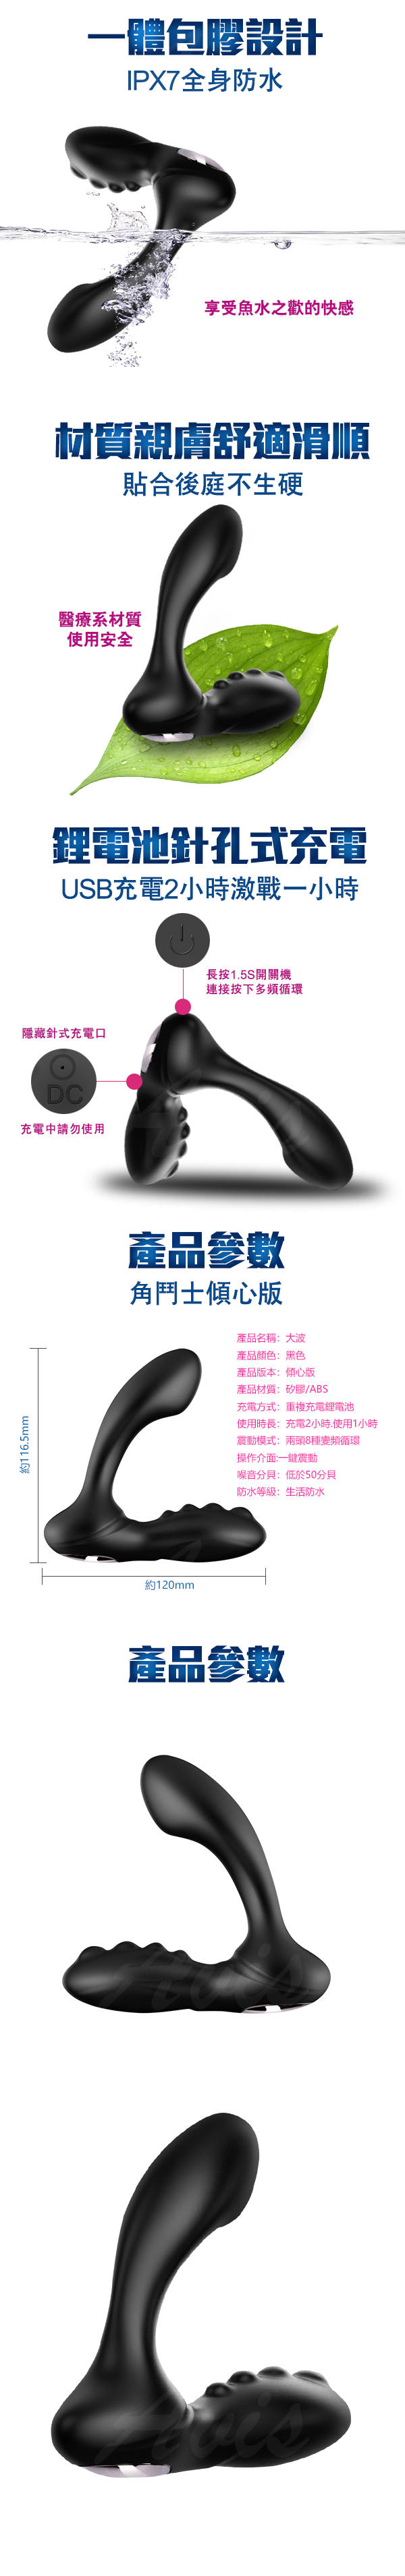 角鬥士 8段變頻 雙頭快感 後庭高潮 前列腺按摩棒 傾心版